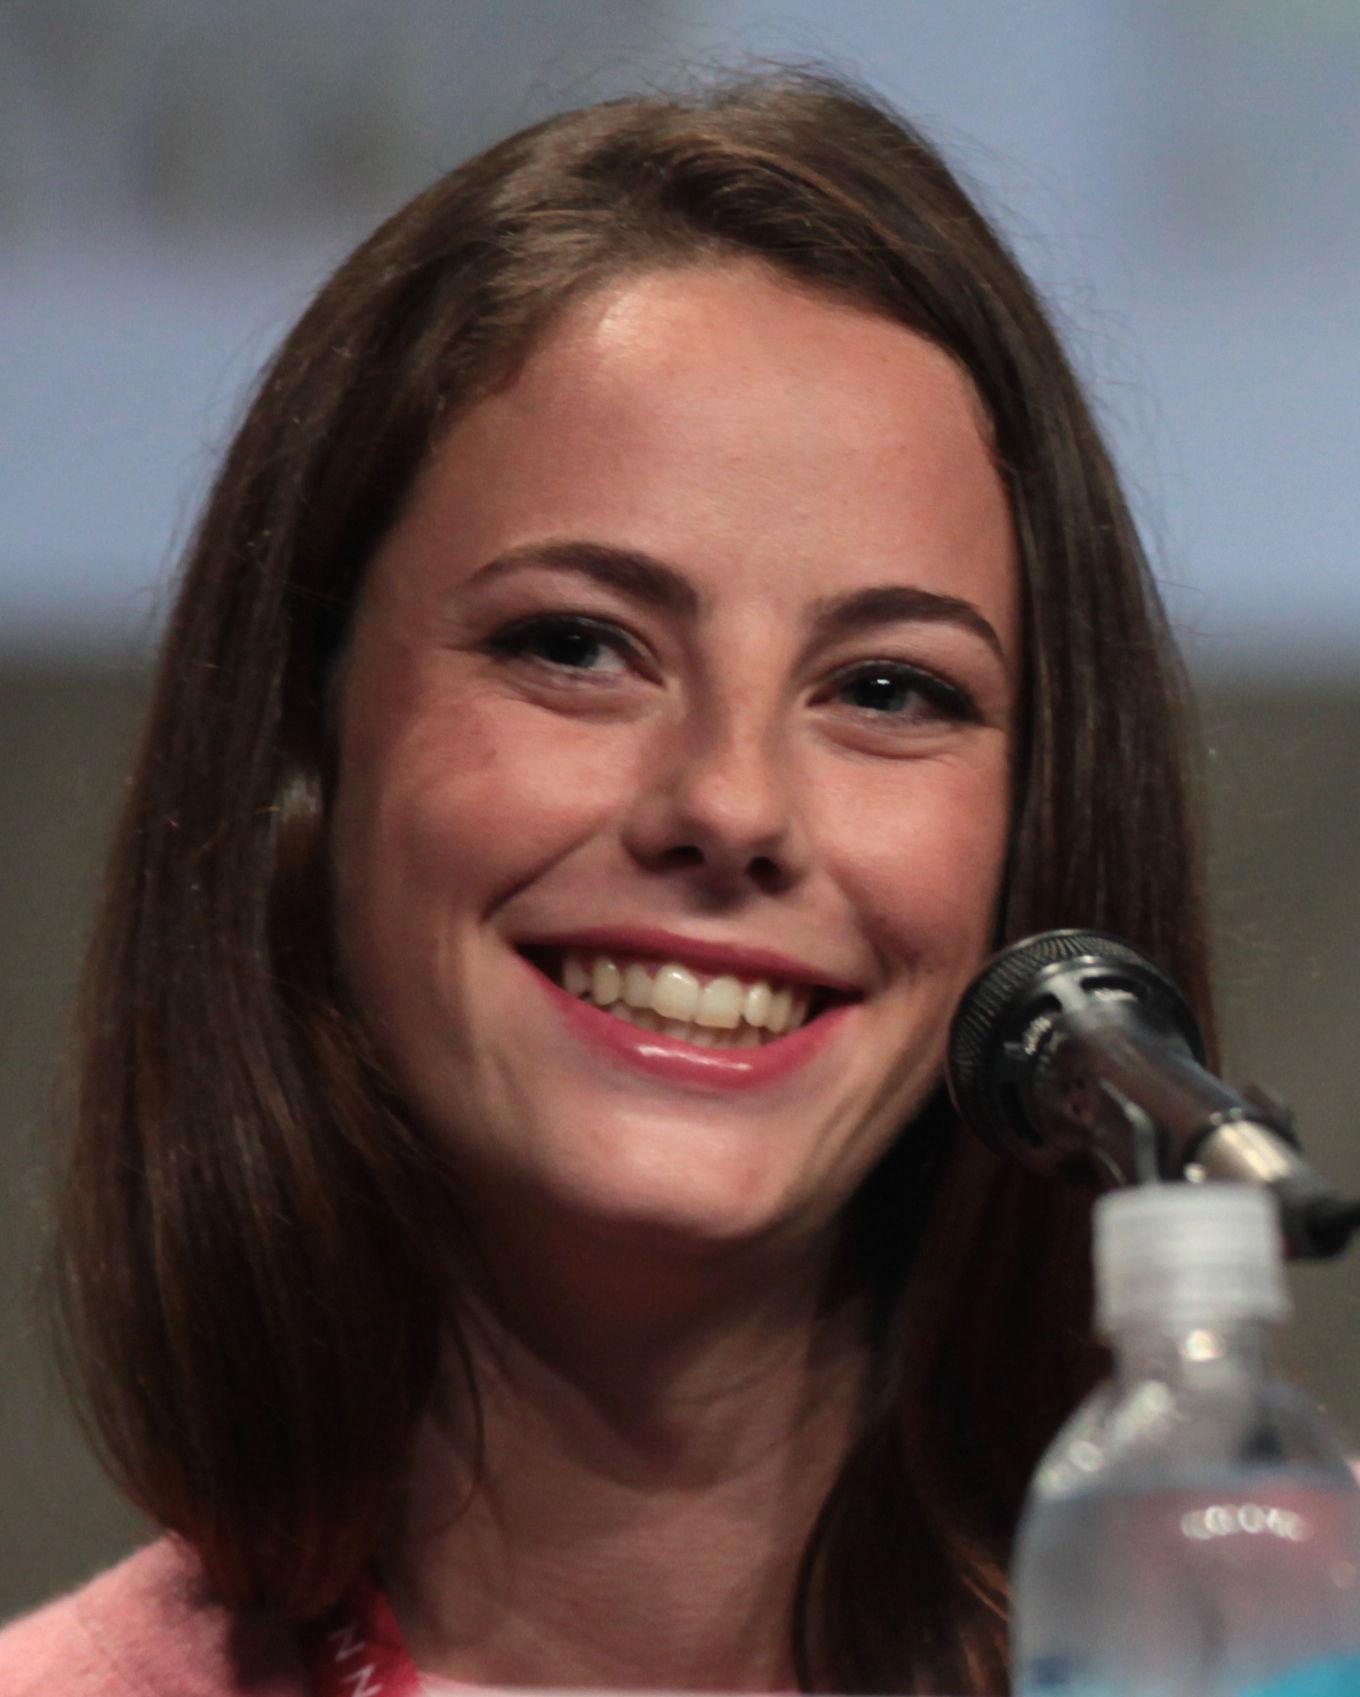 Photo of Kaya Scodelario: English actress